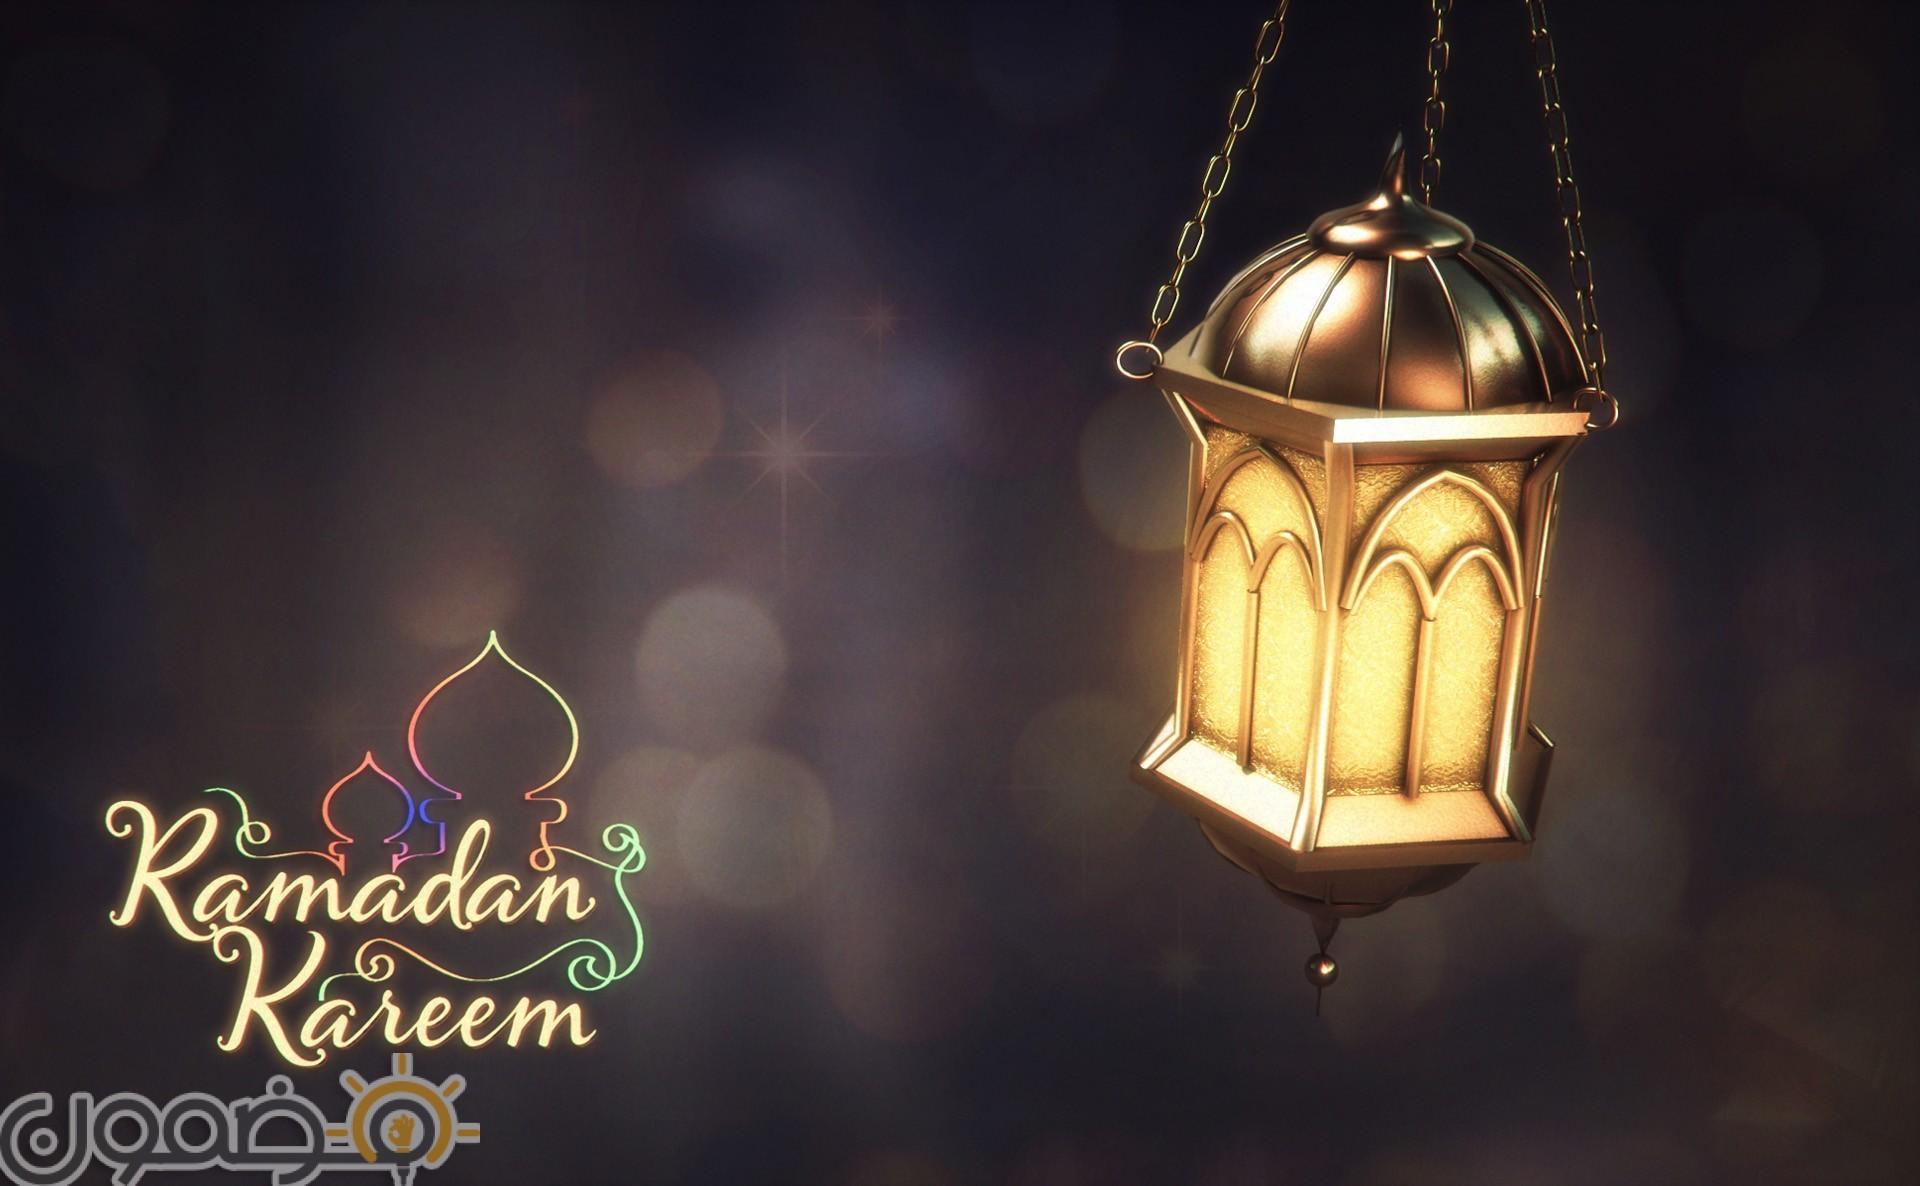 خلفيات رمضان بنات 3 خلفيات رمضان بنات للفيس وتويتر